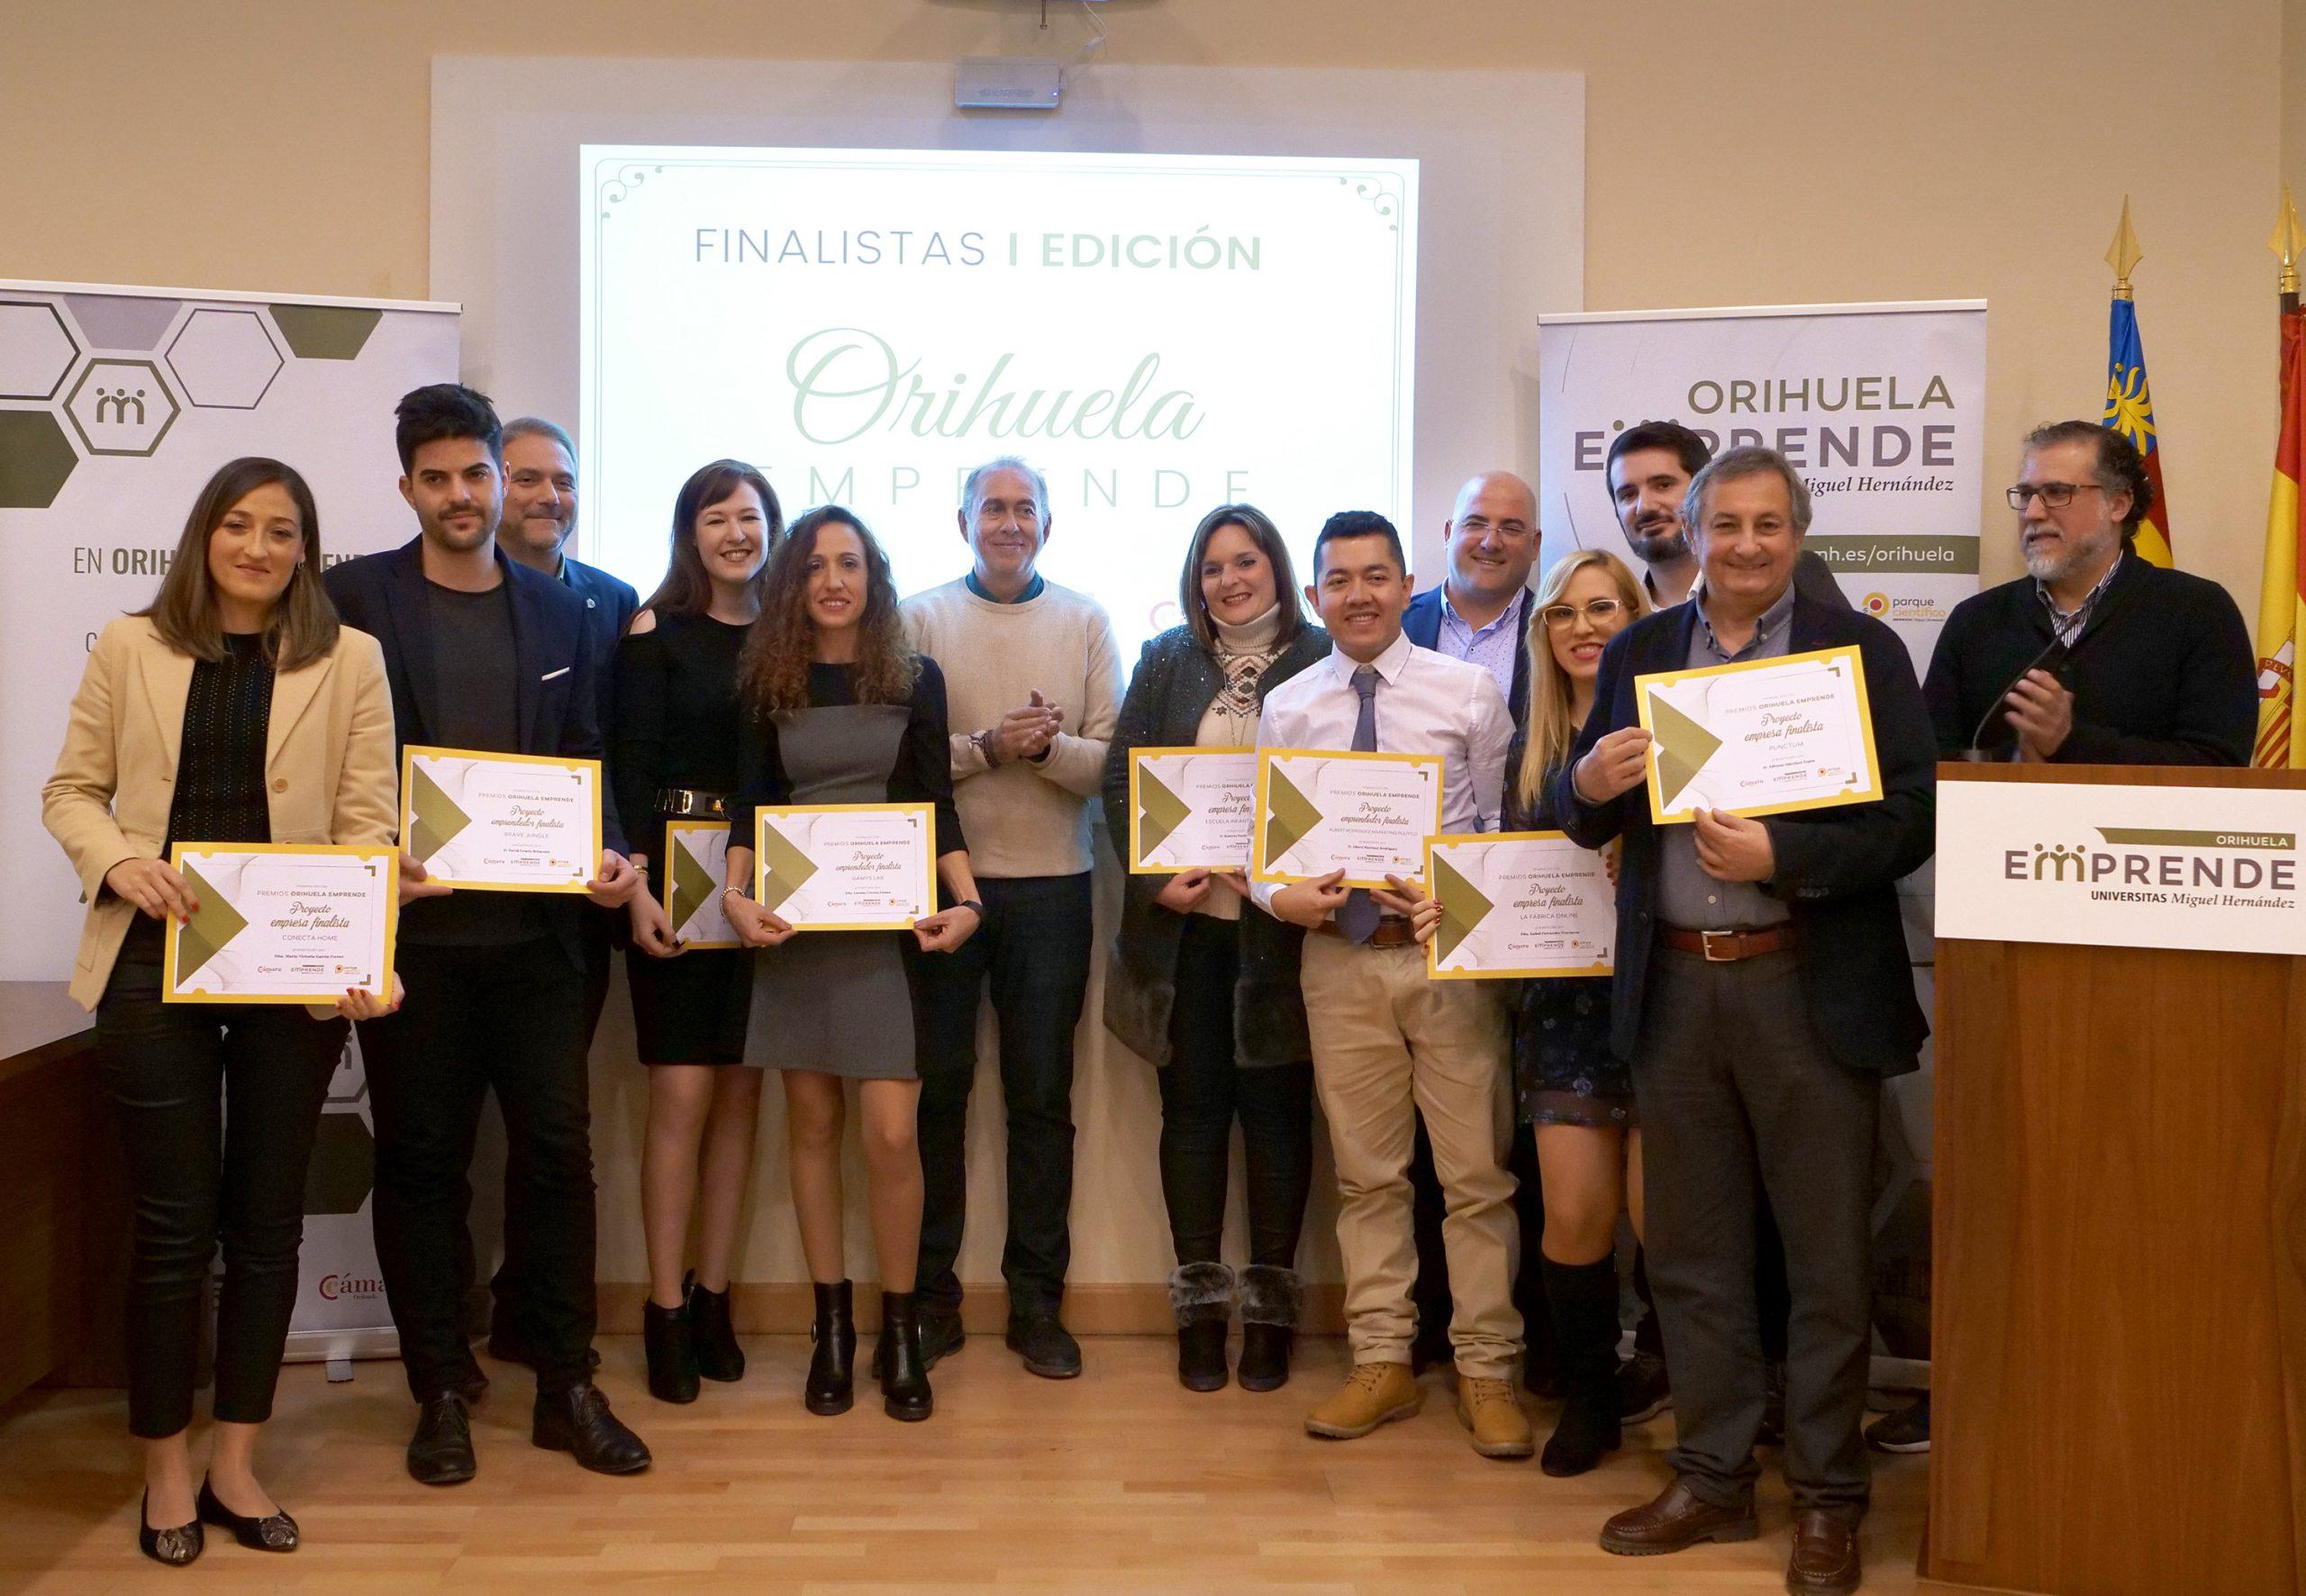 Ganadores de la 1ª edición del programa Orihuela Emprende